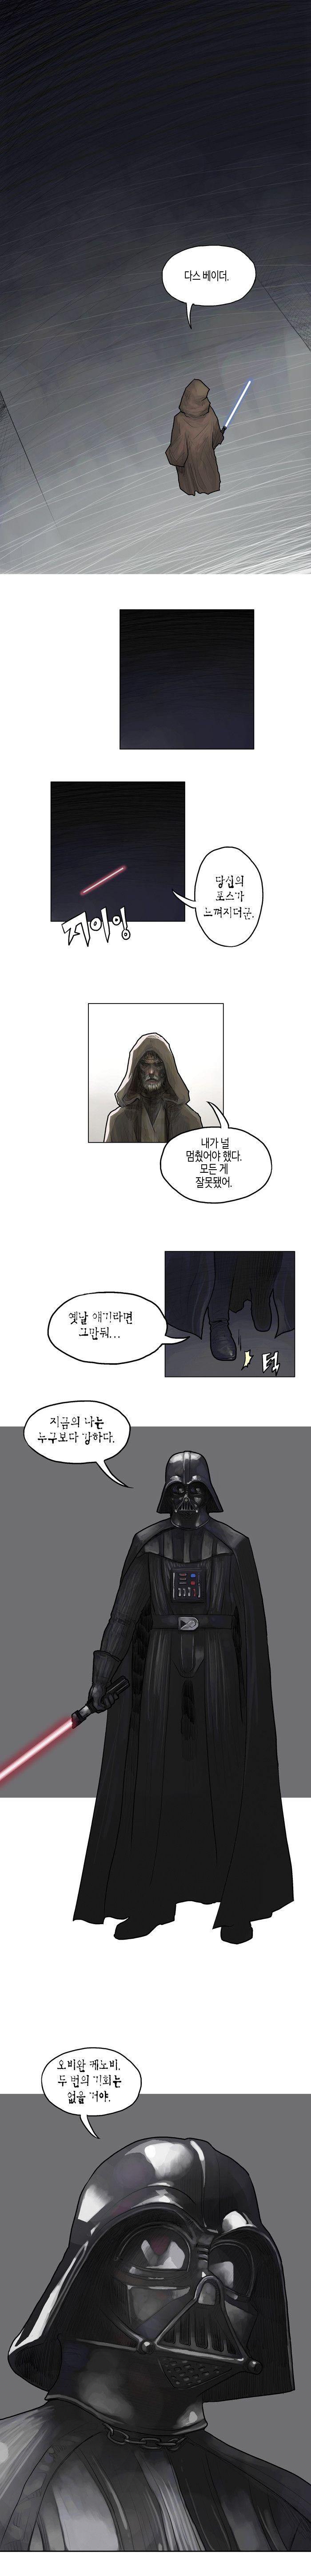 스타워즈 : 깨어난 포스 그 이전의 이야기 8화 다스 베이더 | Daum 만화속세상